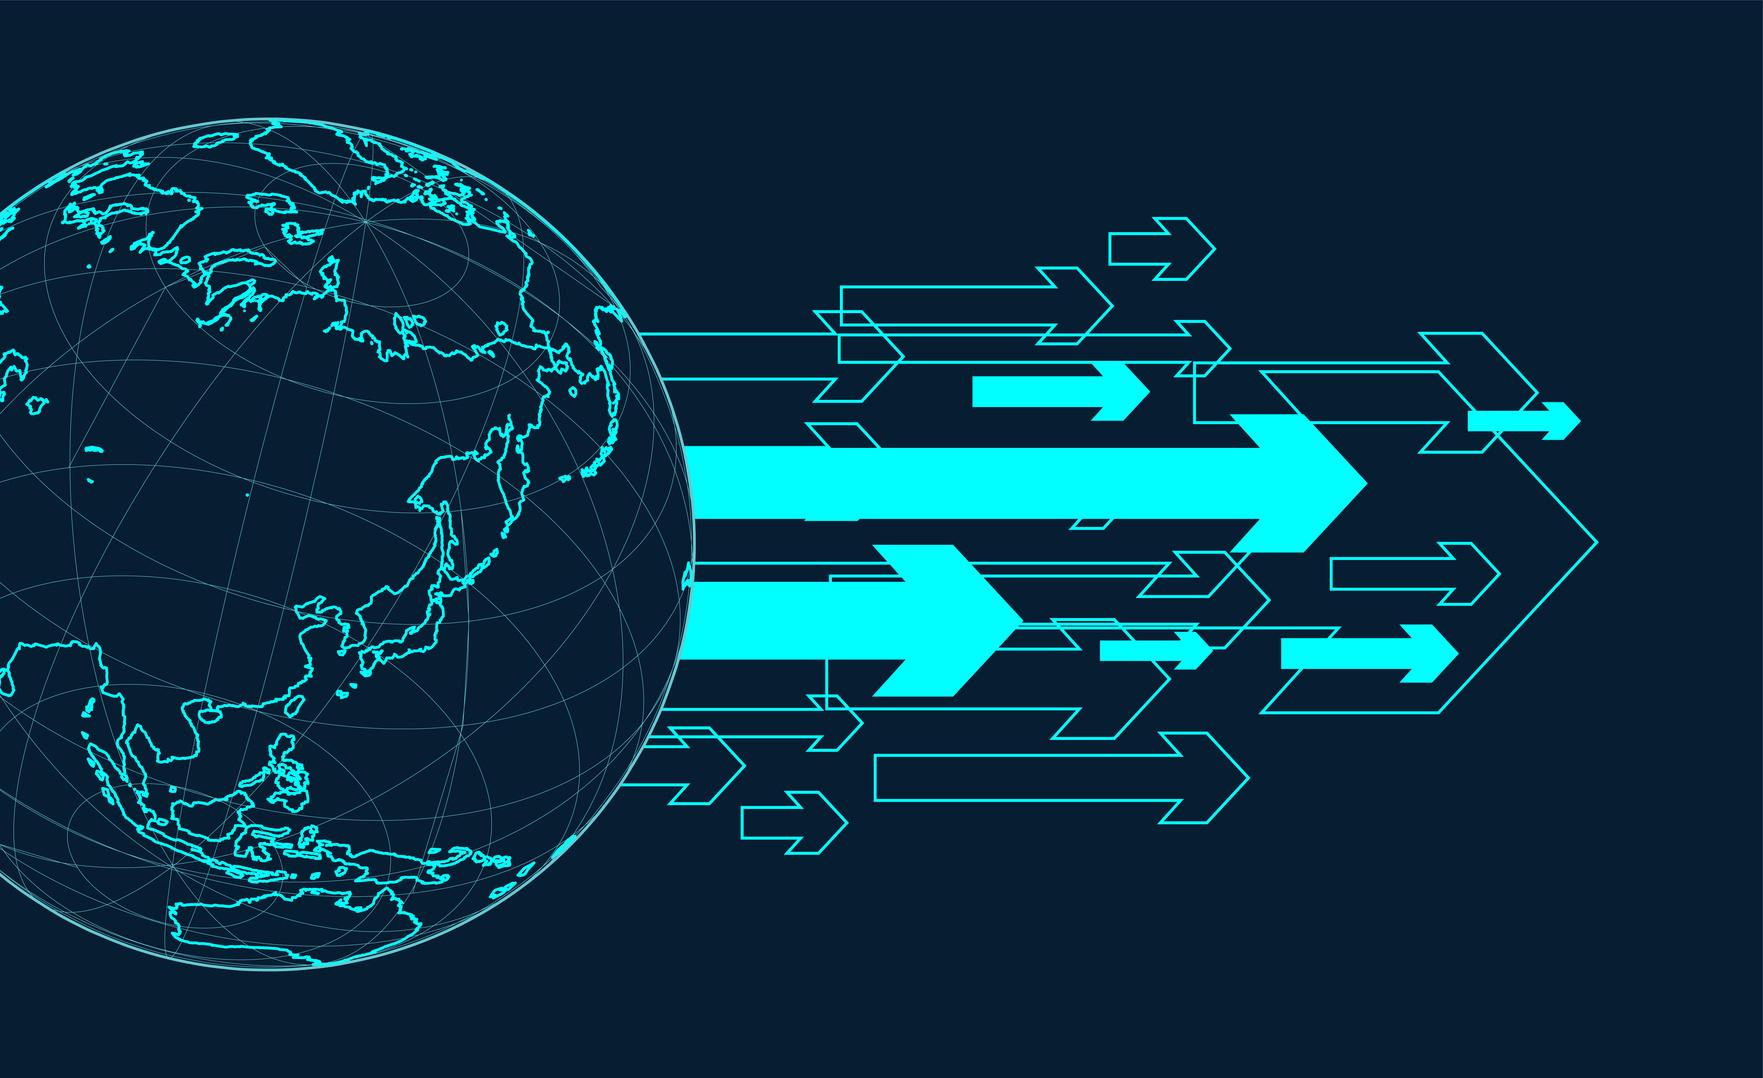 世界経済は再び「ブロック化」するのか